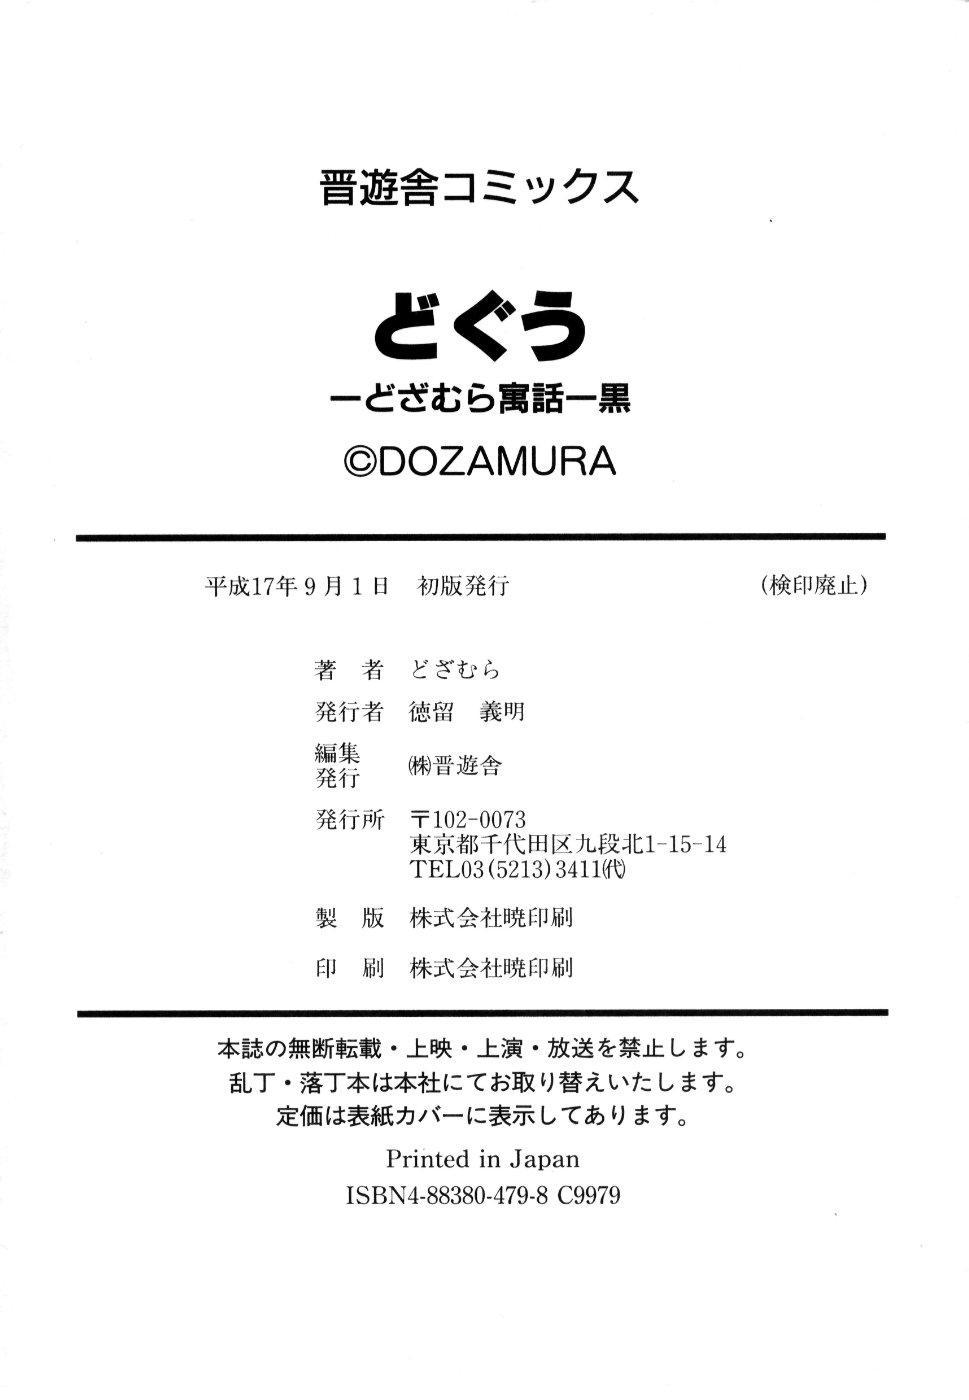 [Dozamura] Doguu -Dozamura Guuwa- Kuro 232